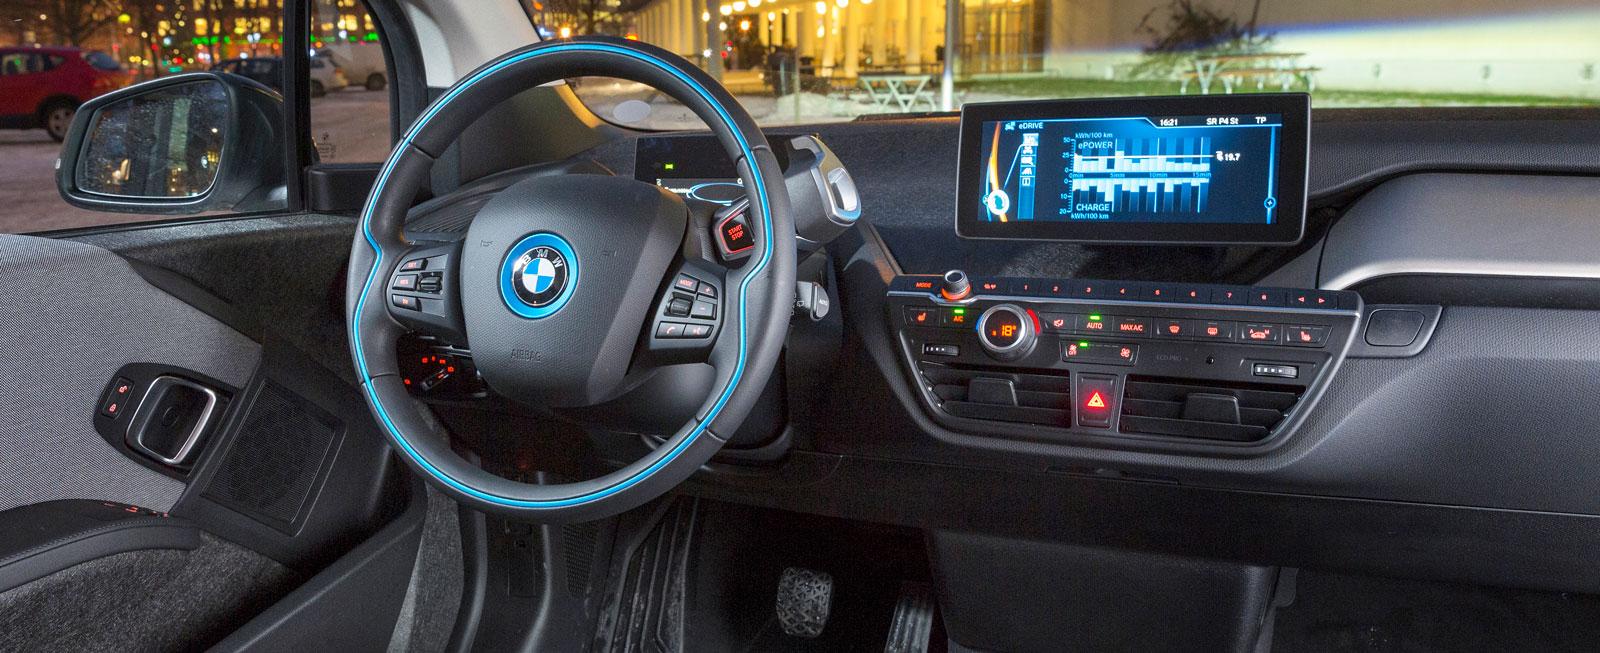 Avskalad miljö som är oväntat rymlig med tanke på yttermåtten. Mixen av futurism och gamla BMW-knappar skapar en anakronistisk upplevelse.